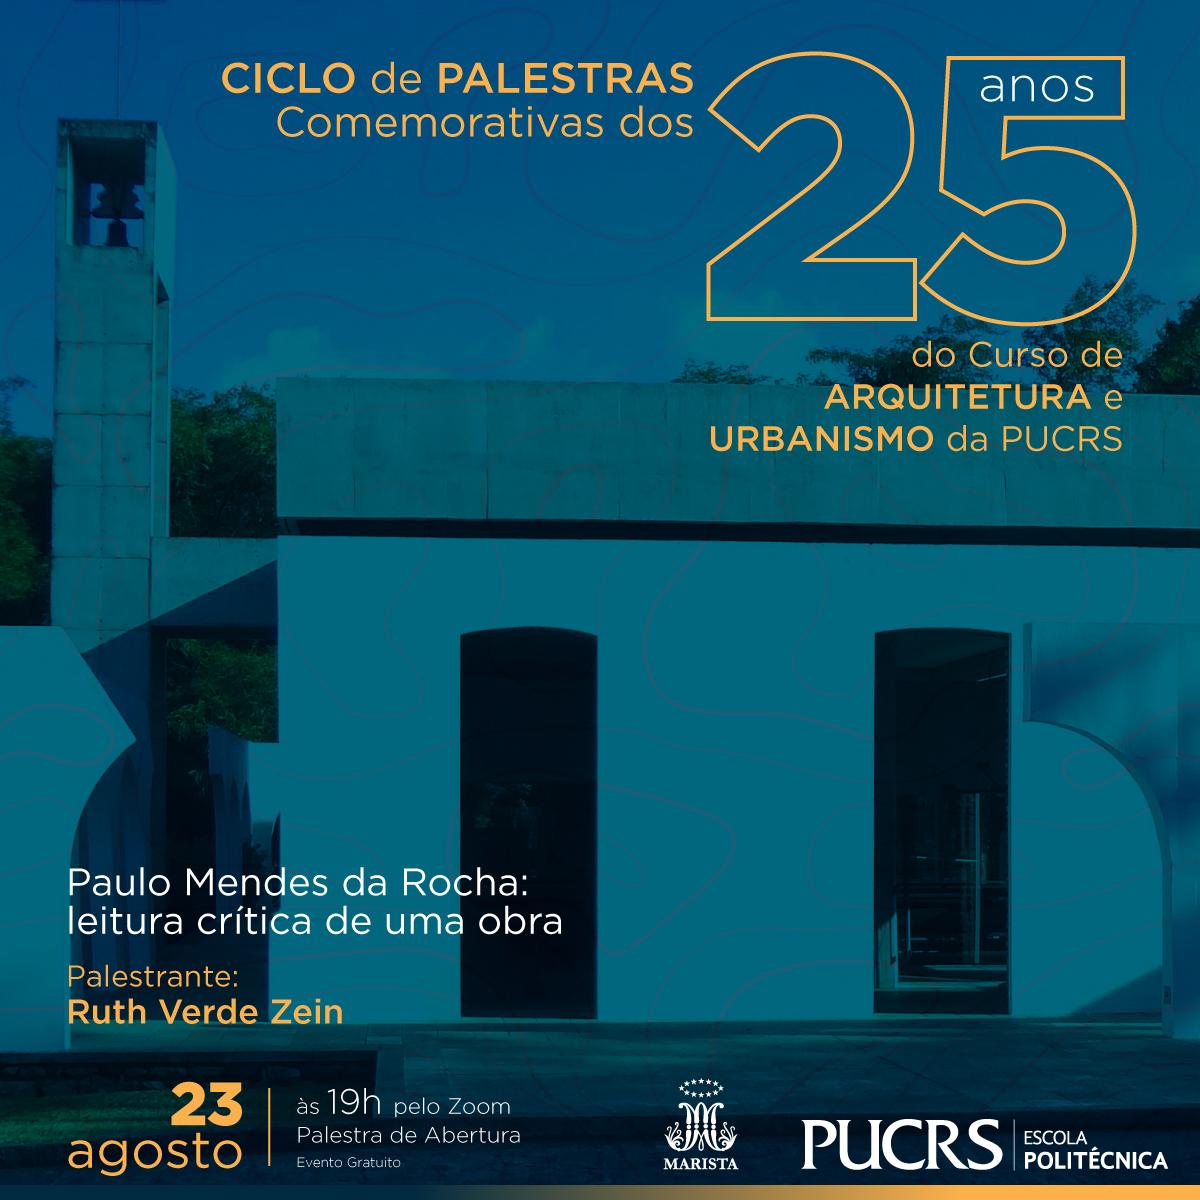 25 anos do Curso de Arquitetura e Urbanismo